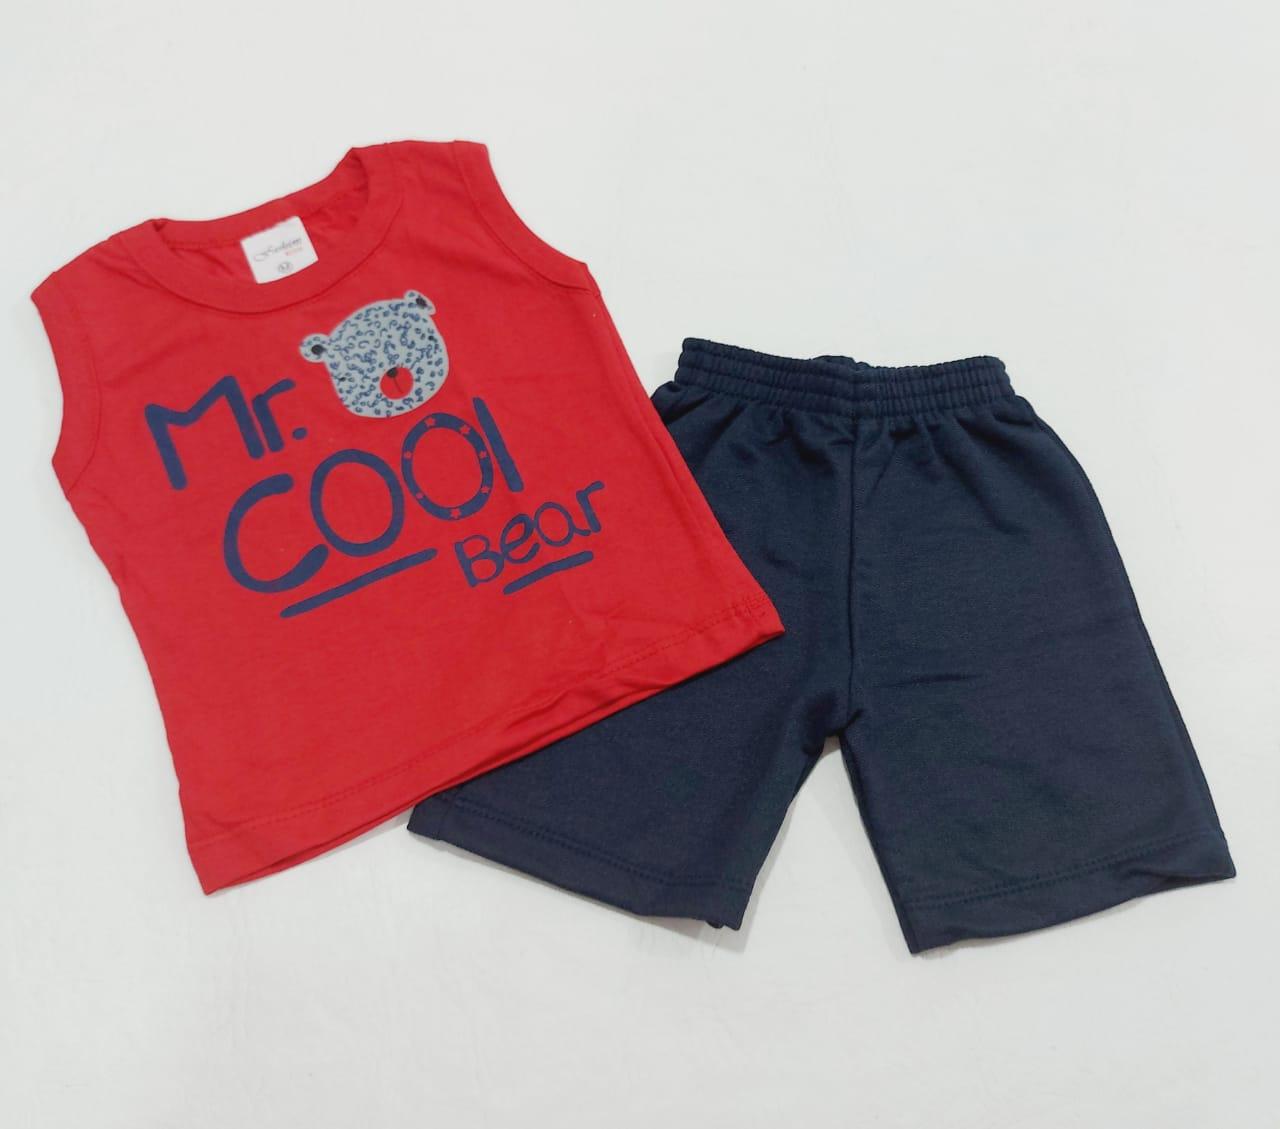 Conjunto Verão Ursinho - Camisa Regata E Shorts - 02 Peças - 0 à 10 meses - Fashion Kids